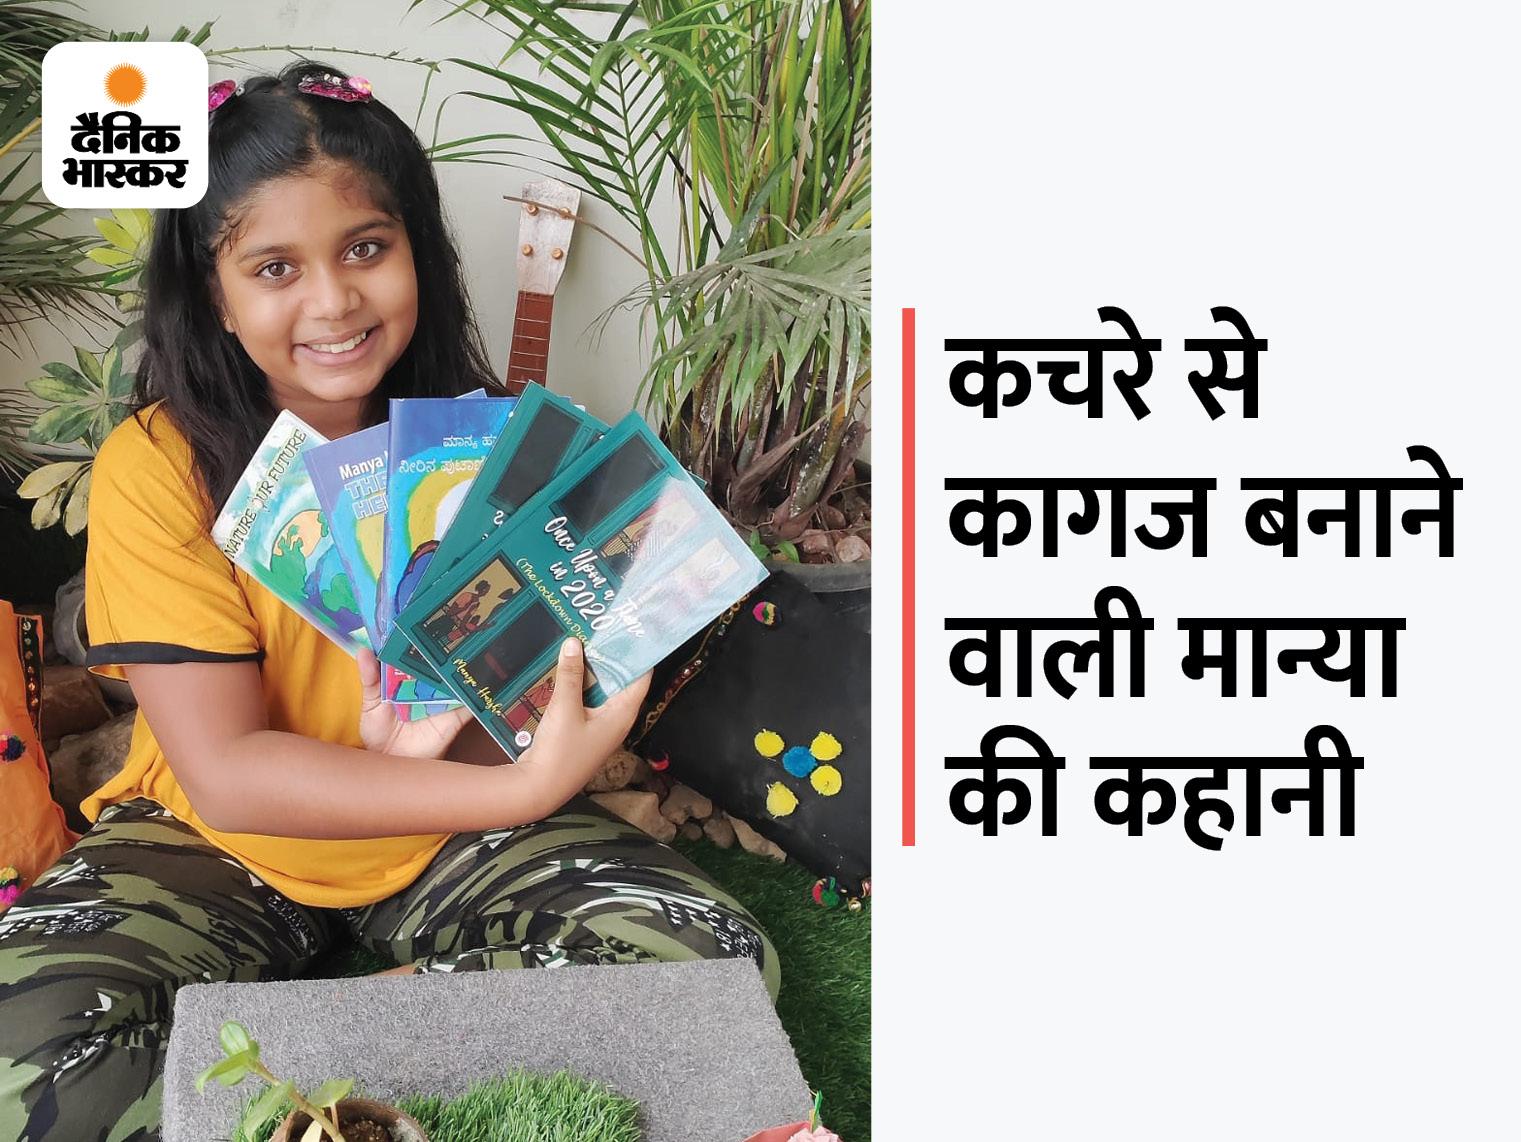 सब्जी के छिलकों से कागज बना रही 11 साल की मान्या; इस तरीके से आप भी बचा सकते हैं पेड़ और पानी|DB ओरिजिनल,DB Original - Dainik Bhaskar